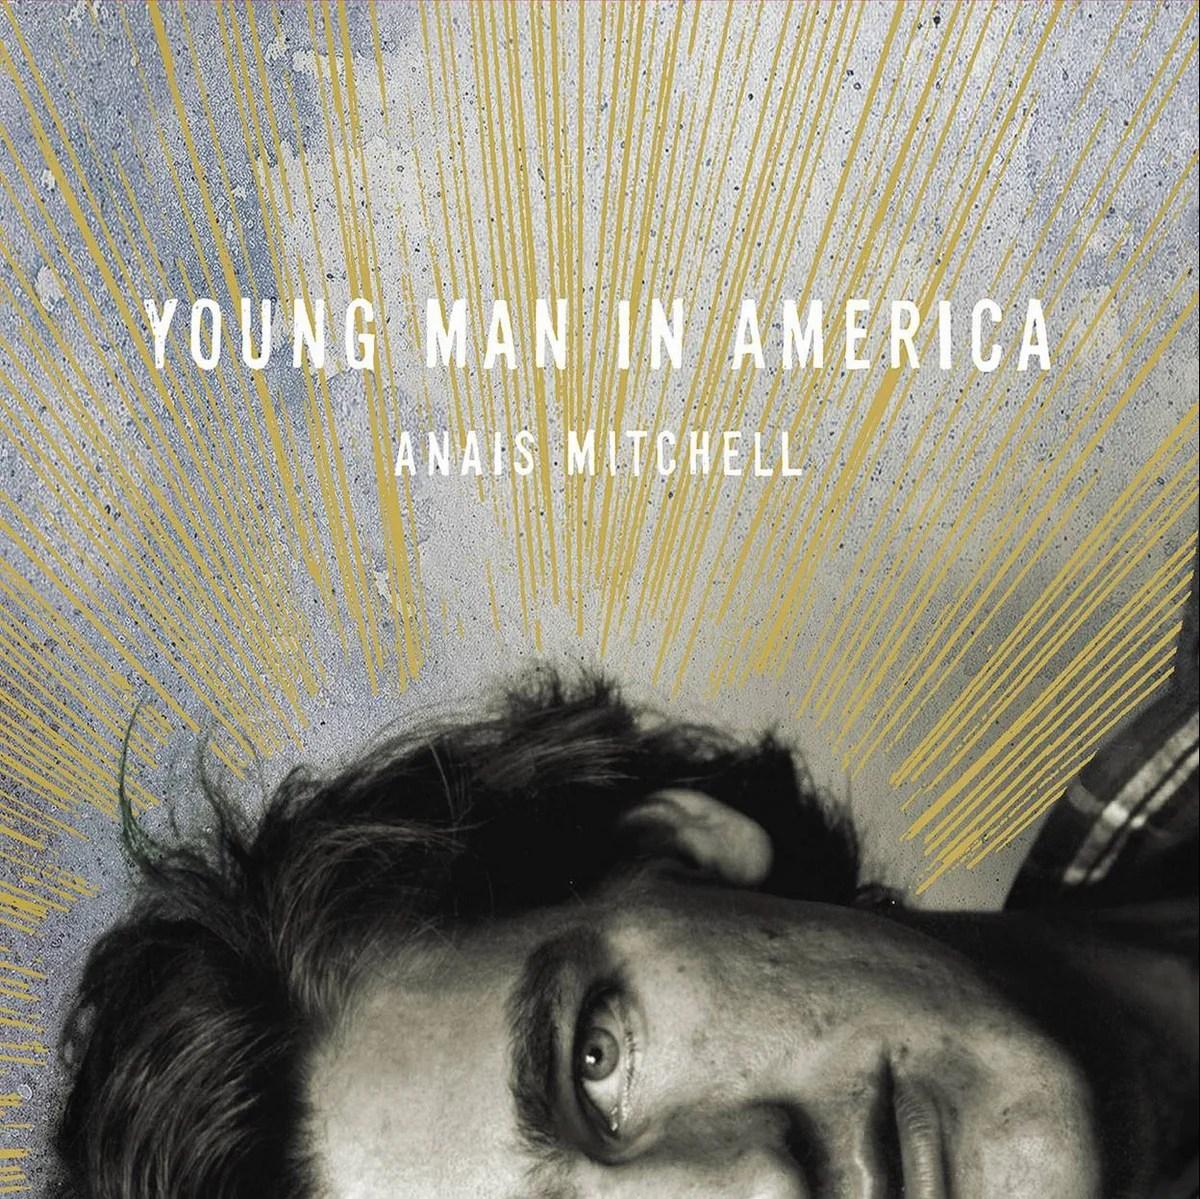 Anais Mitchell